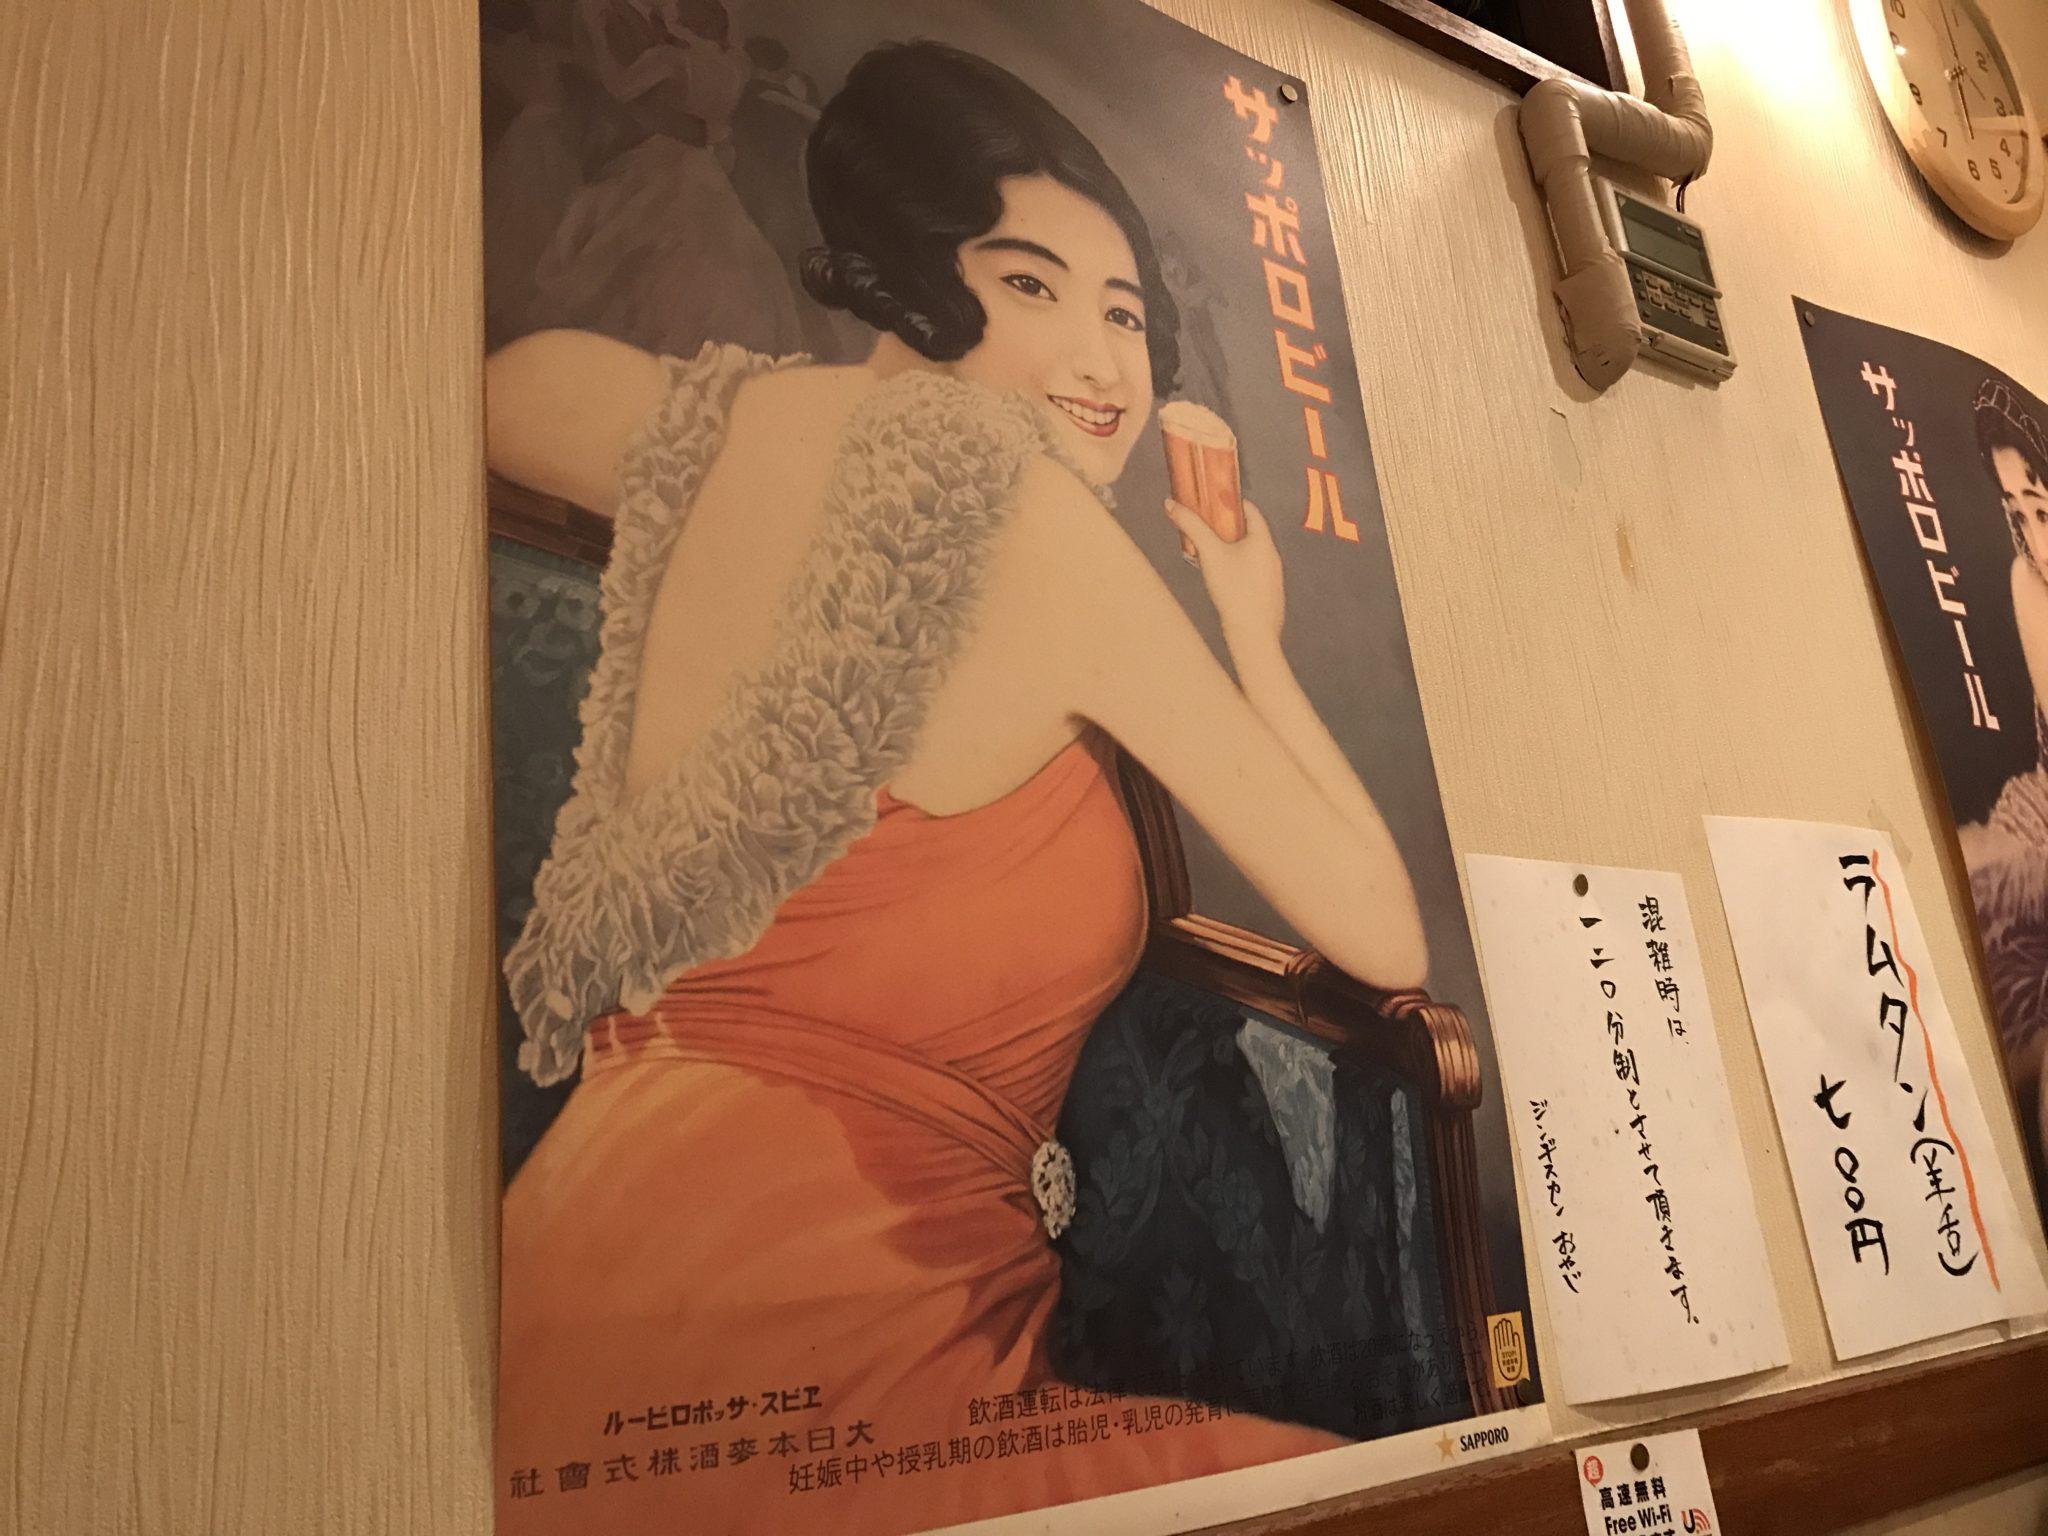 ジンギスカンおやじのレトロなポスター